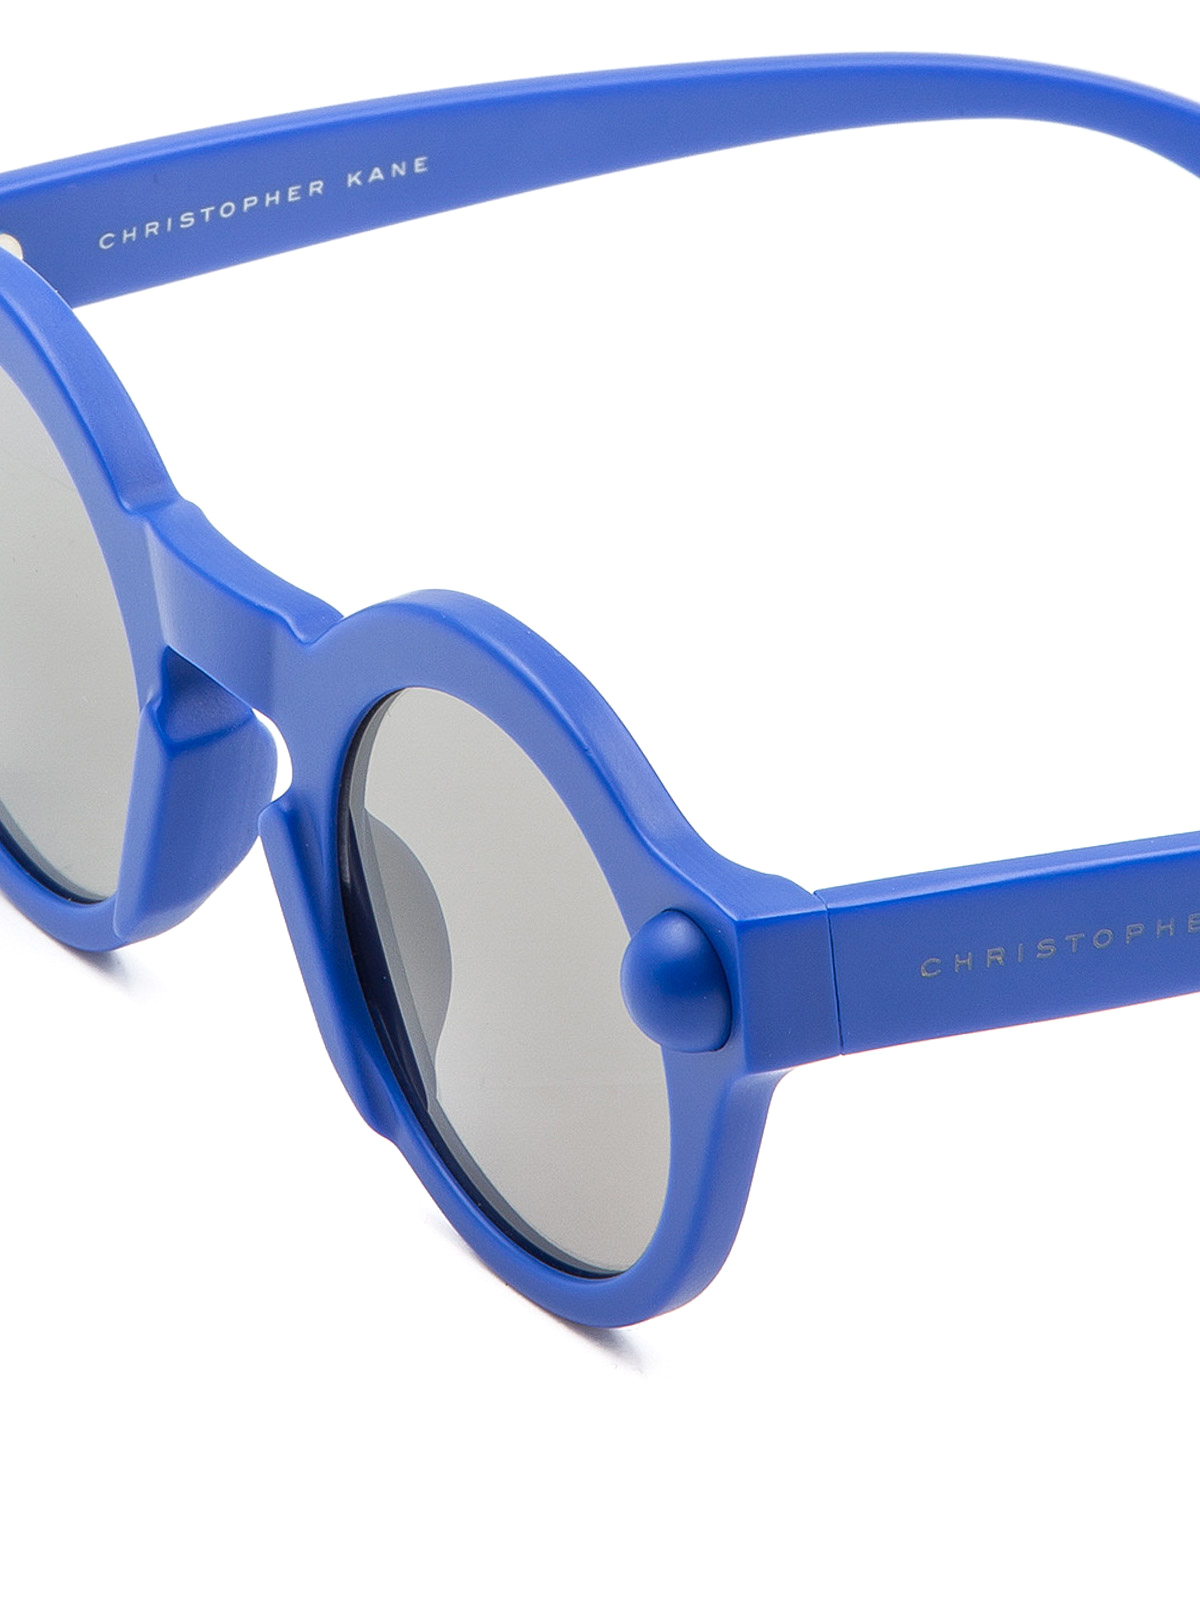 2a8e0104f75f7 iKRIX CHRISTOPHER KANE  Lunettes de soleil - Lunettes De Soleil - Bleu